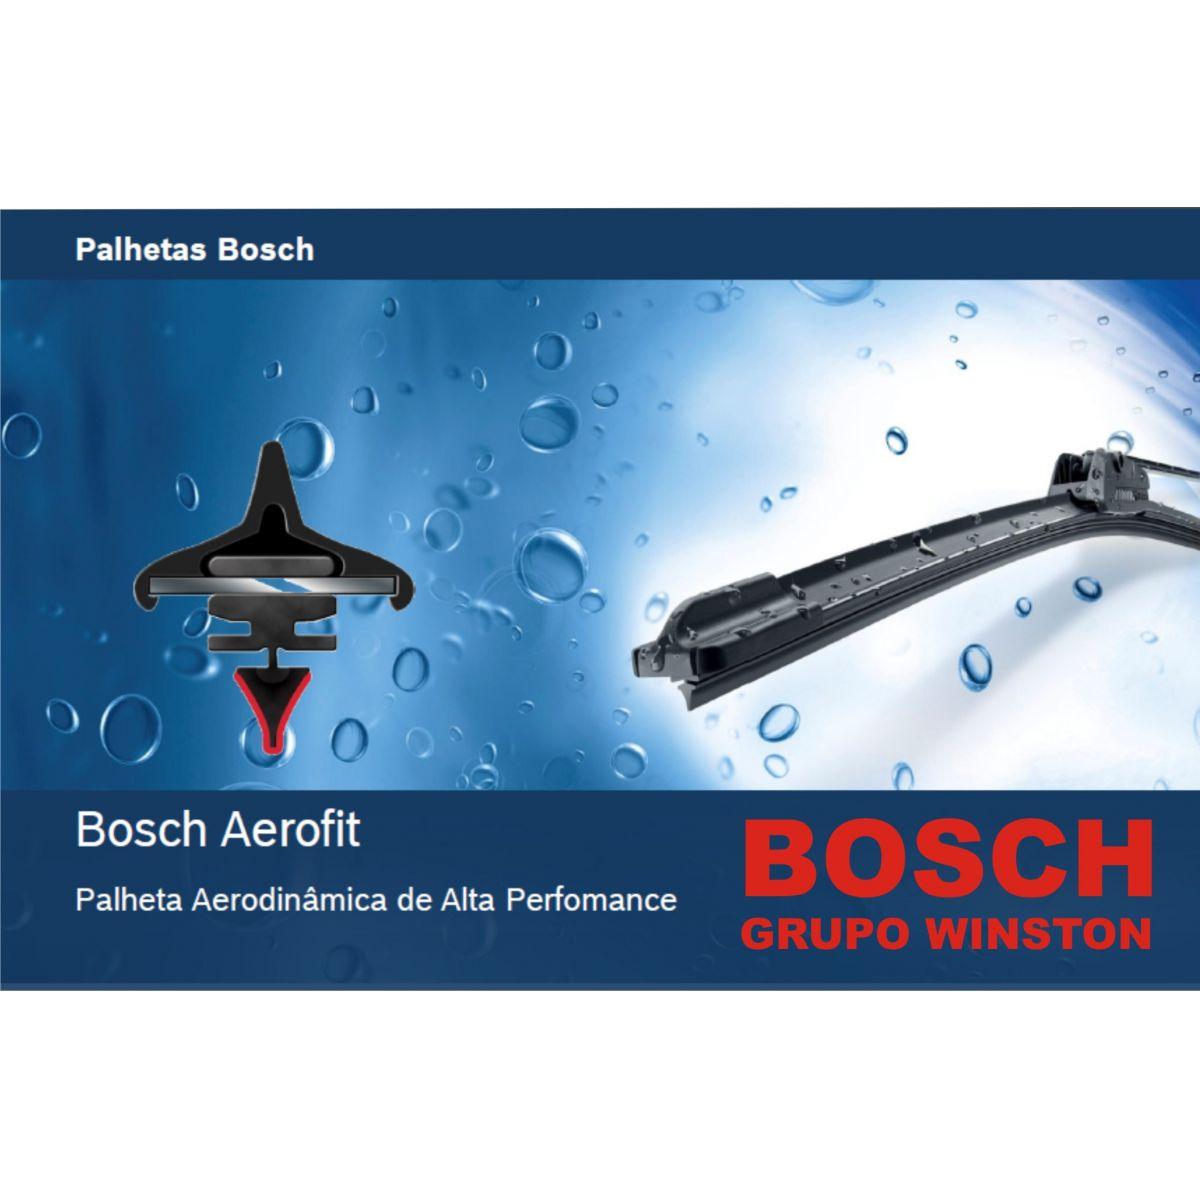 Palheta Bosch Aerofit Limpador de para brisa Bosch SSANGYONG Actyon / Sports